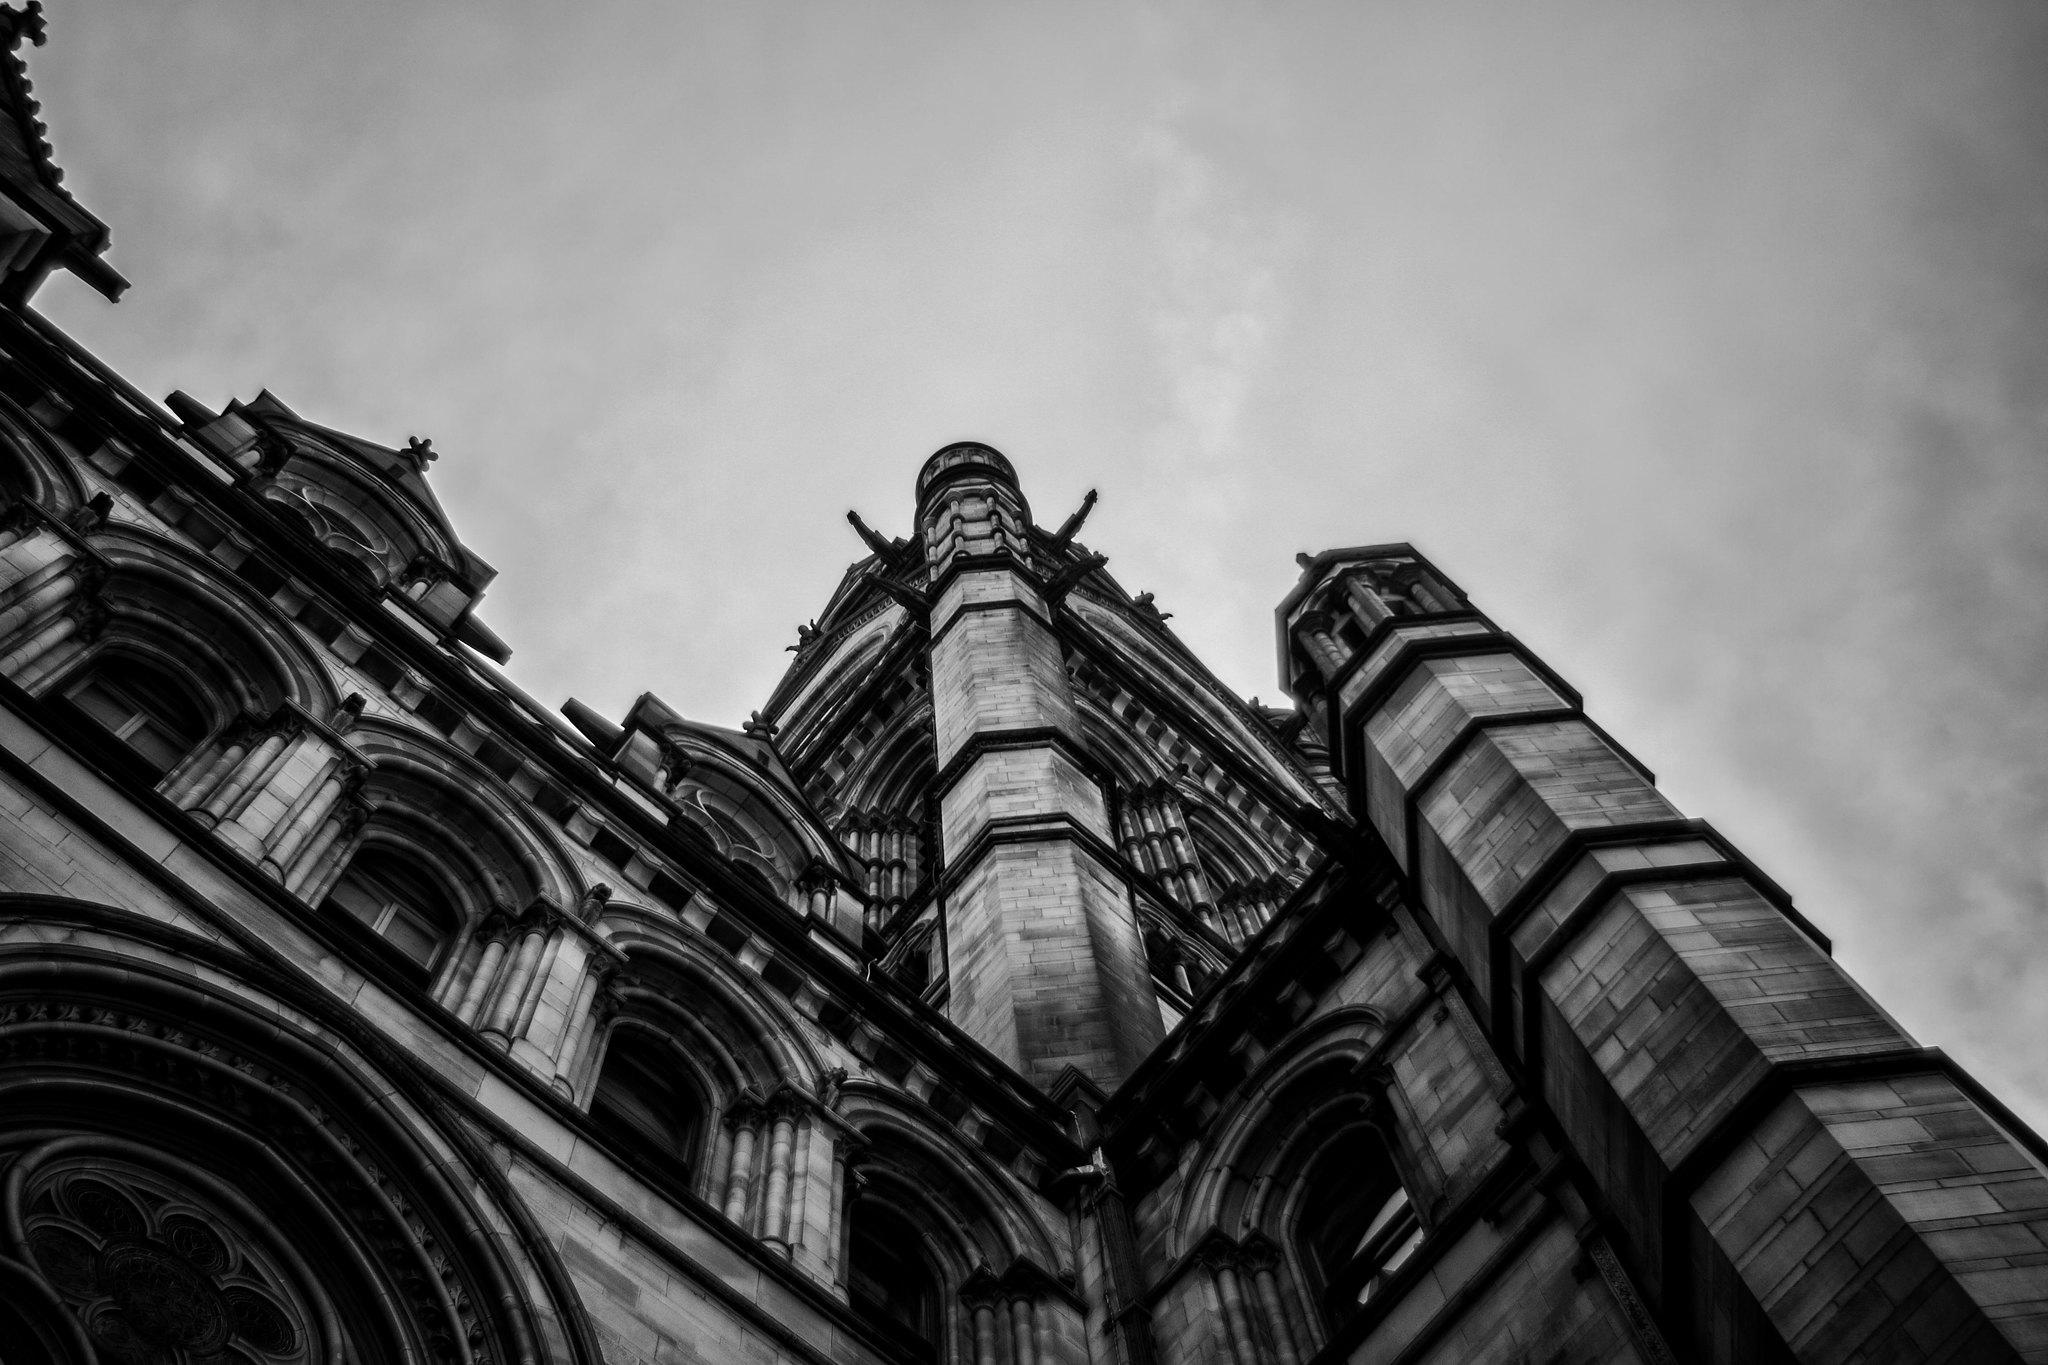 Manchester Gothic